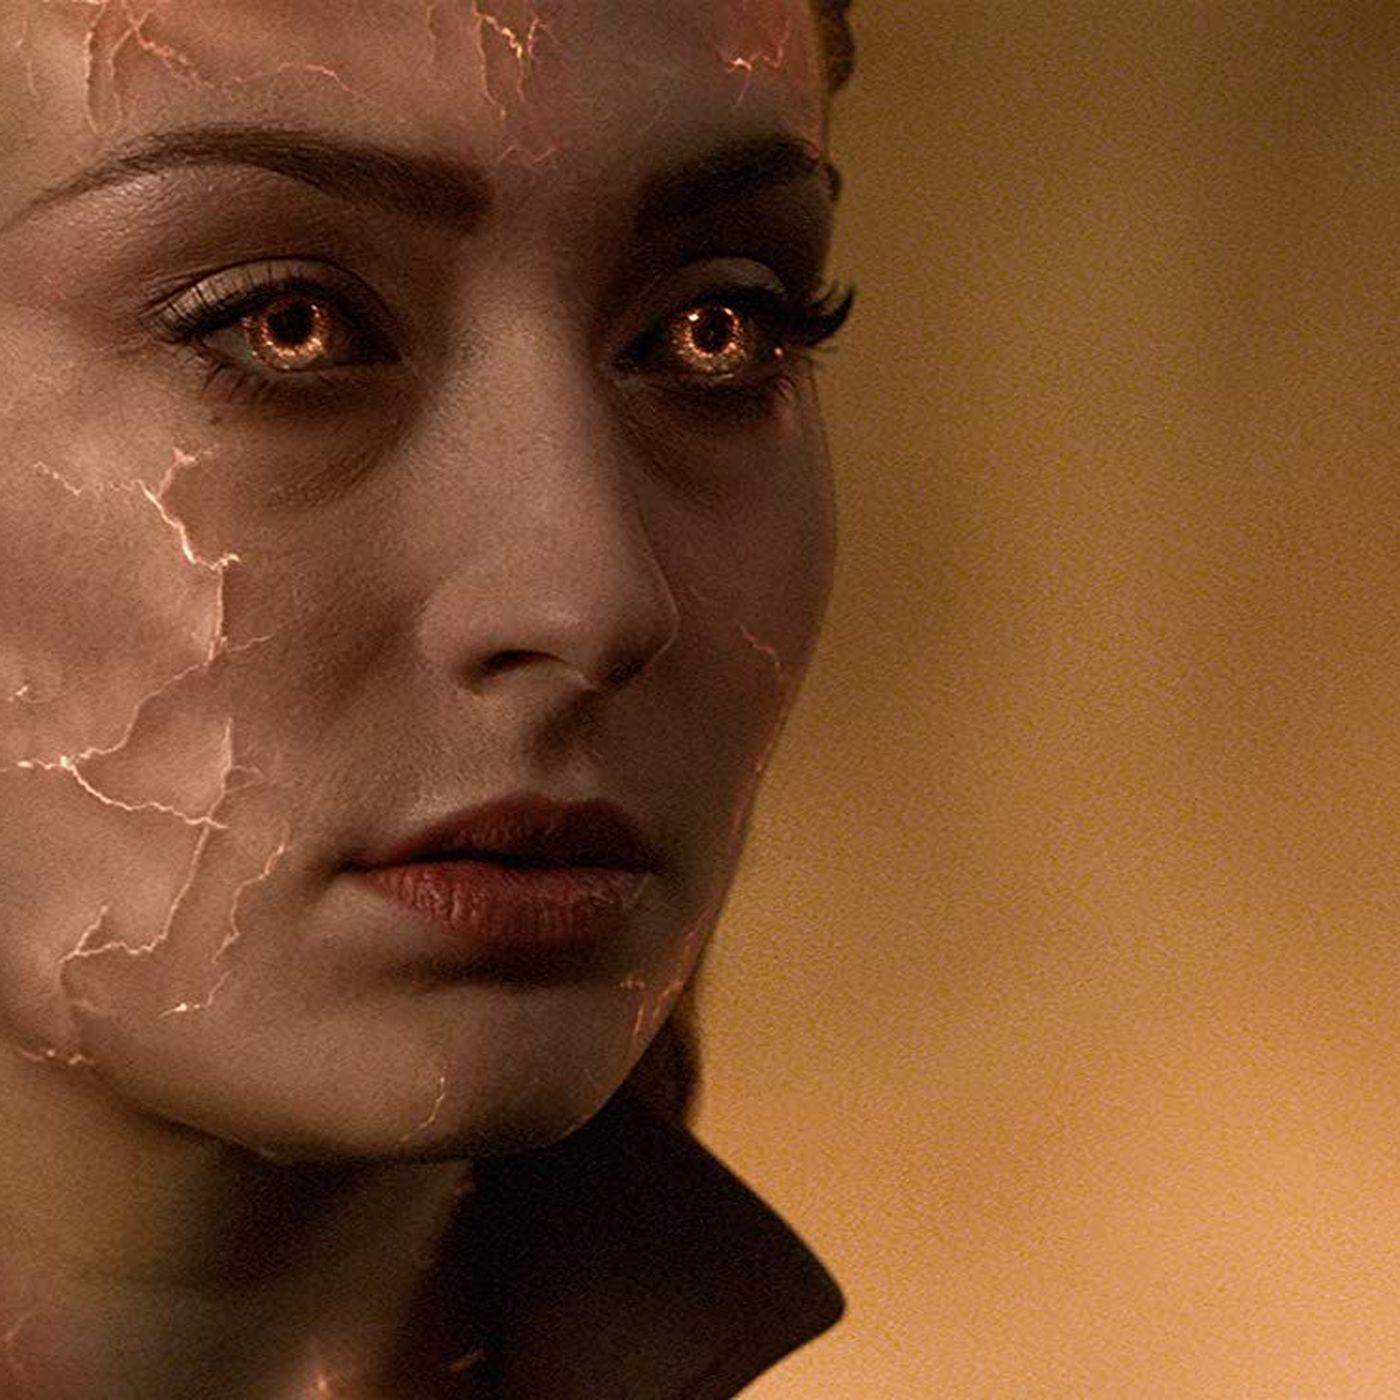 X-Men Dark Phoenix review: a lukewarm, flightless slog - Vox